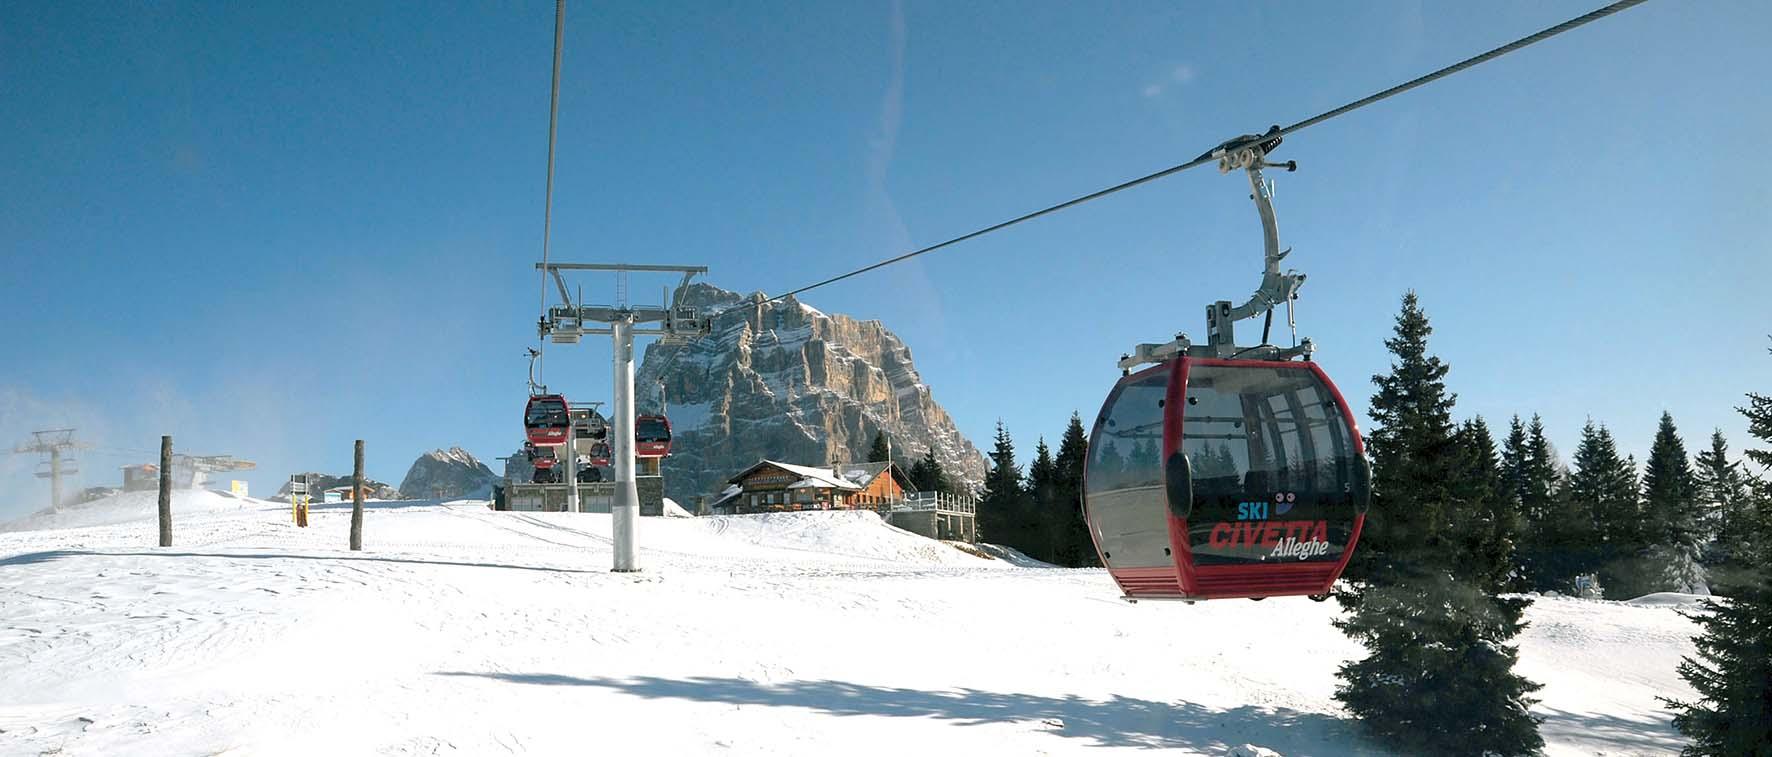 Funivia Alleghe Vista cabinovia Piani di Pezzè Col dei Baldi FotoRiva